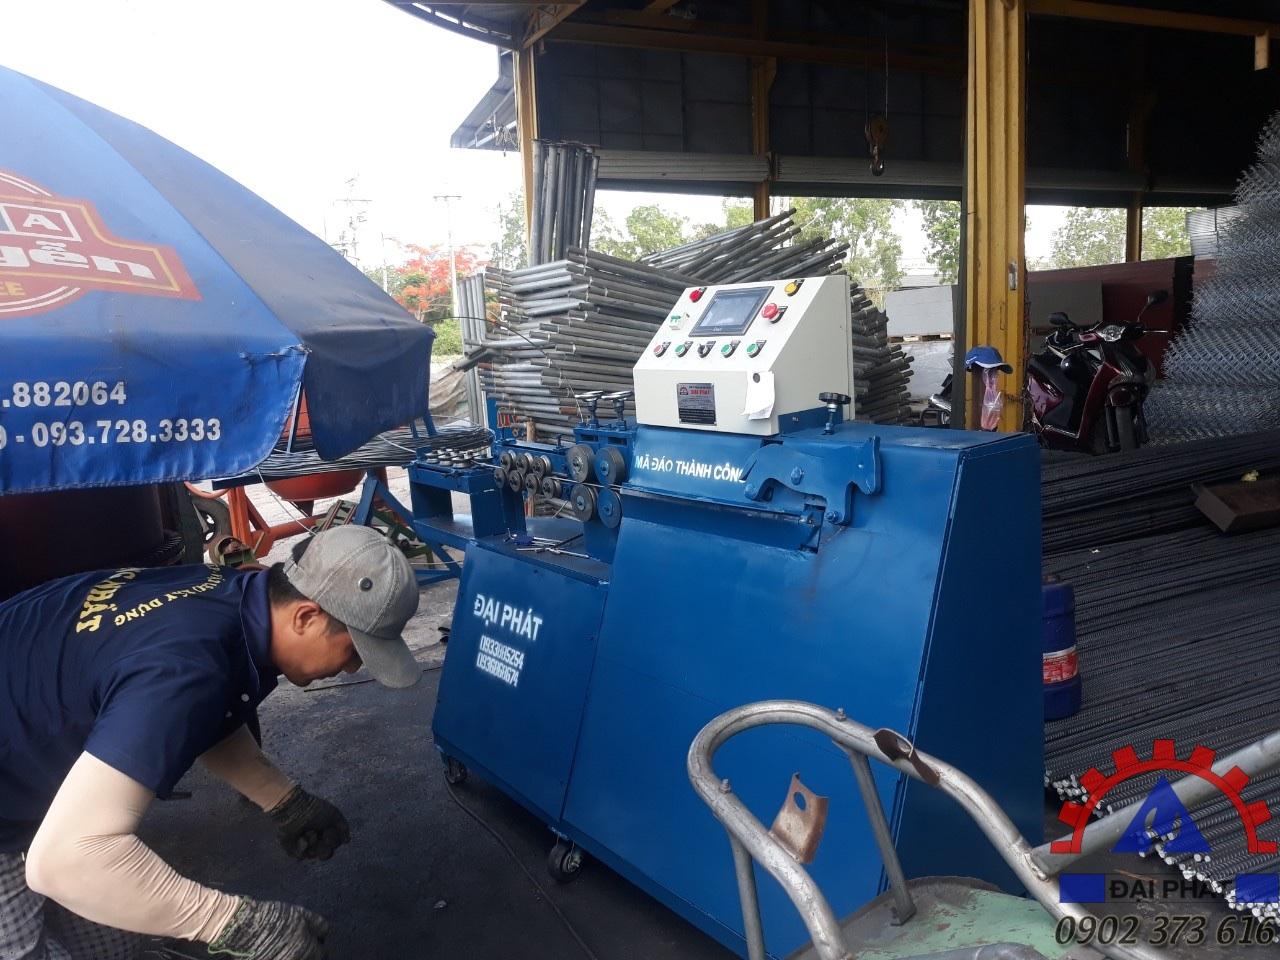 Khách hàng ở Phan Thiết - Bình Thuận ủng hộ lần 2 máy bẻ đai